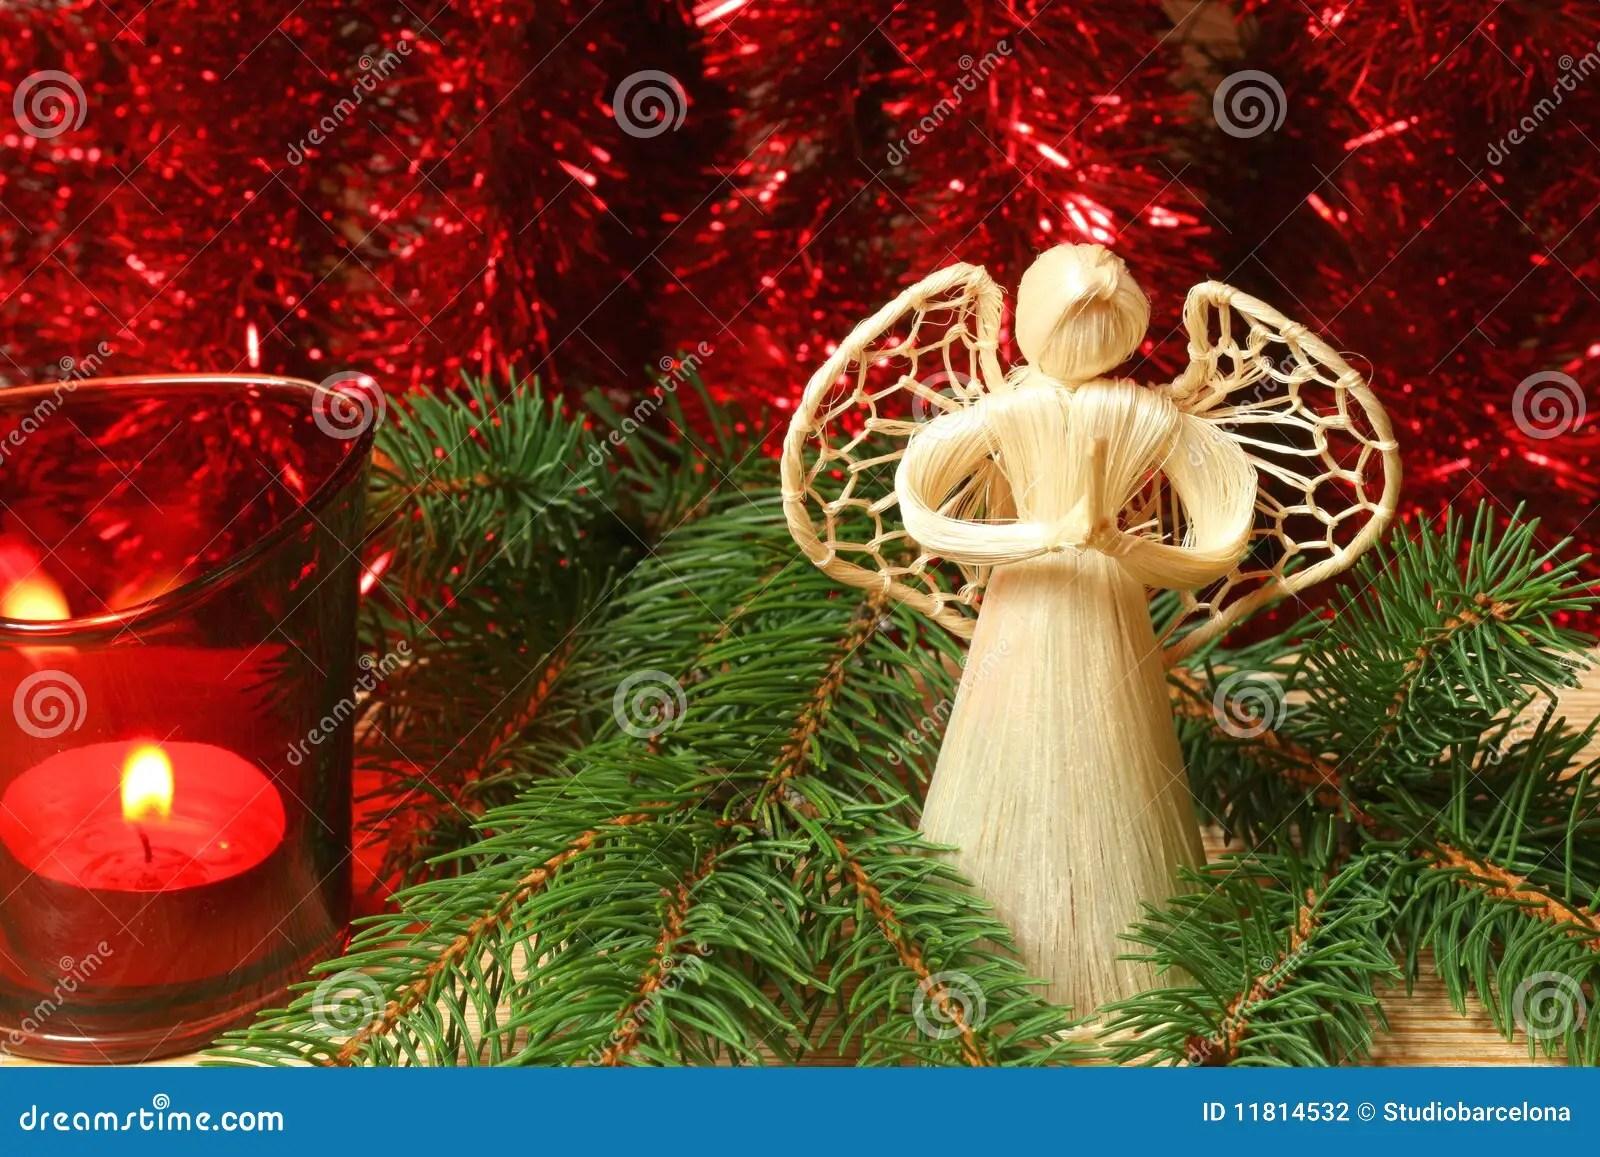 Christmas Praying Angel Stock Photography Image 11814532